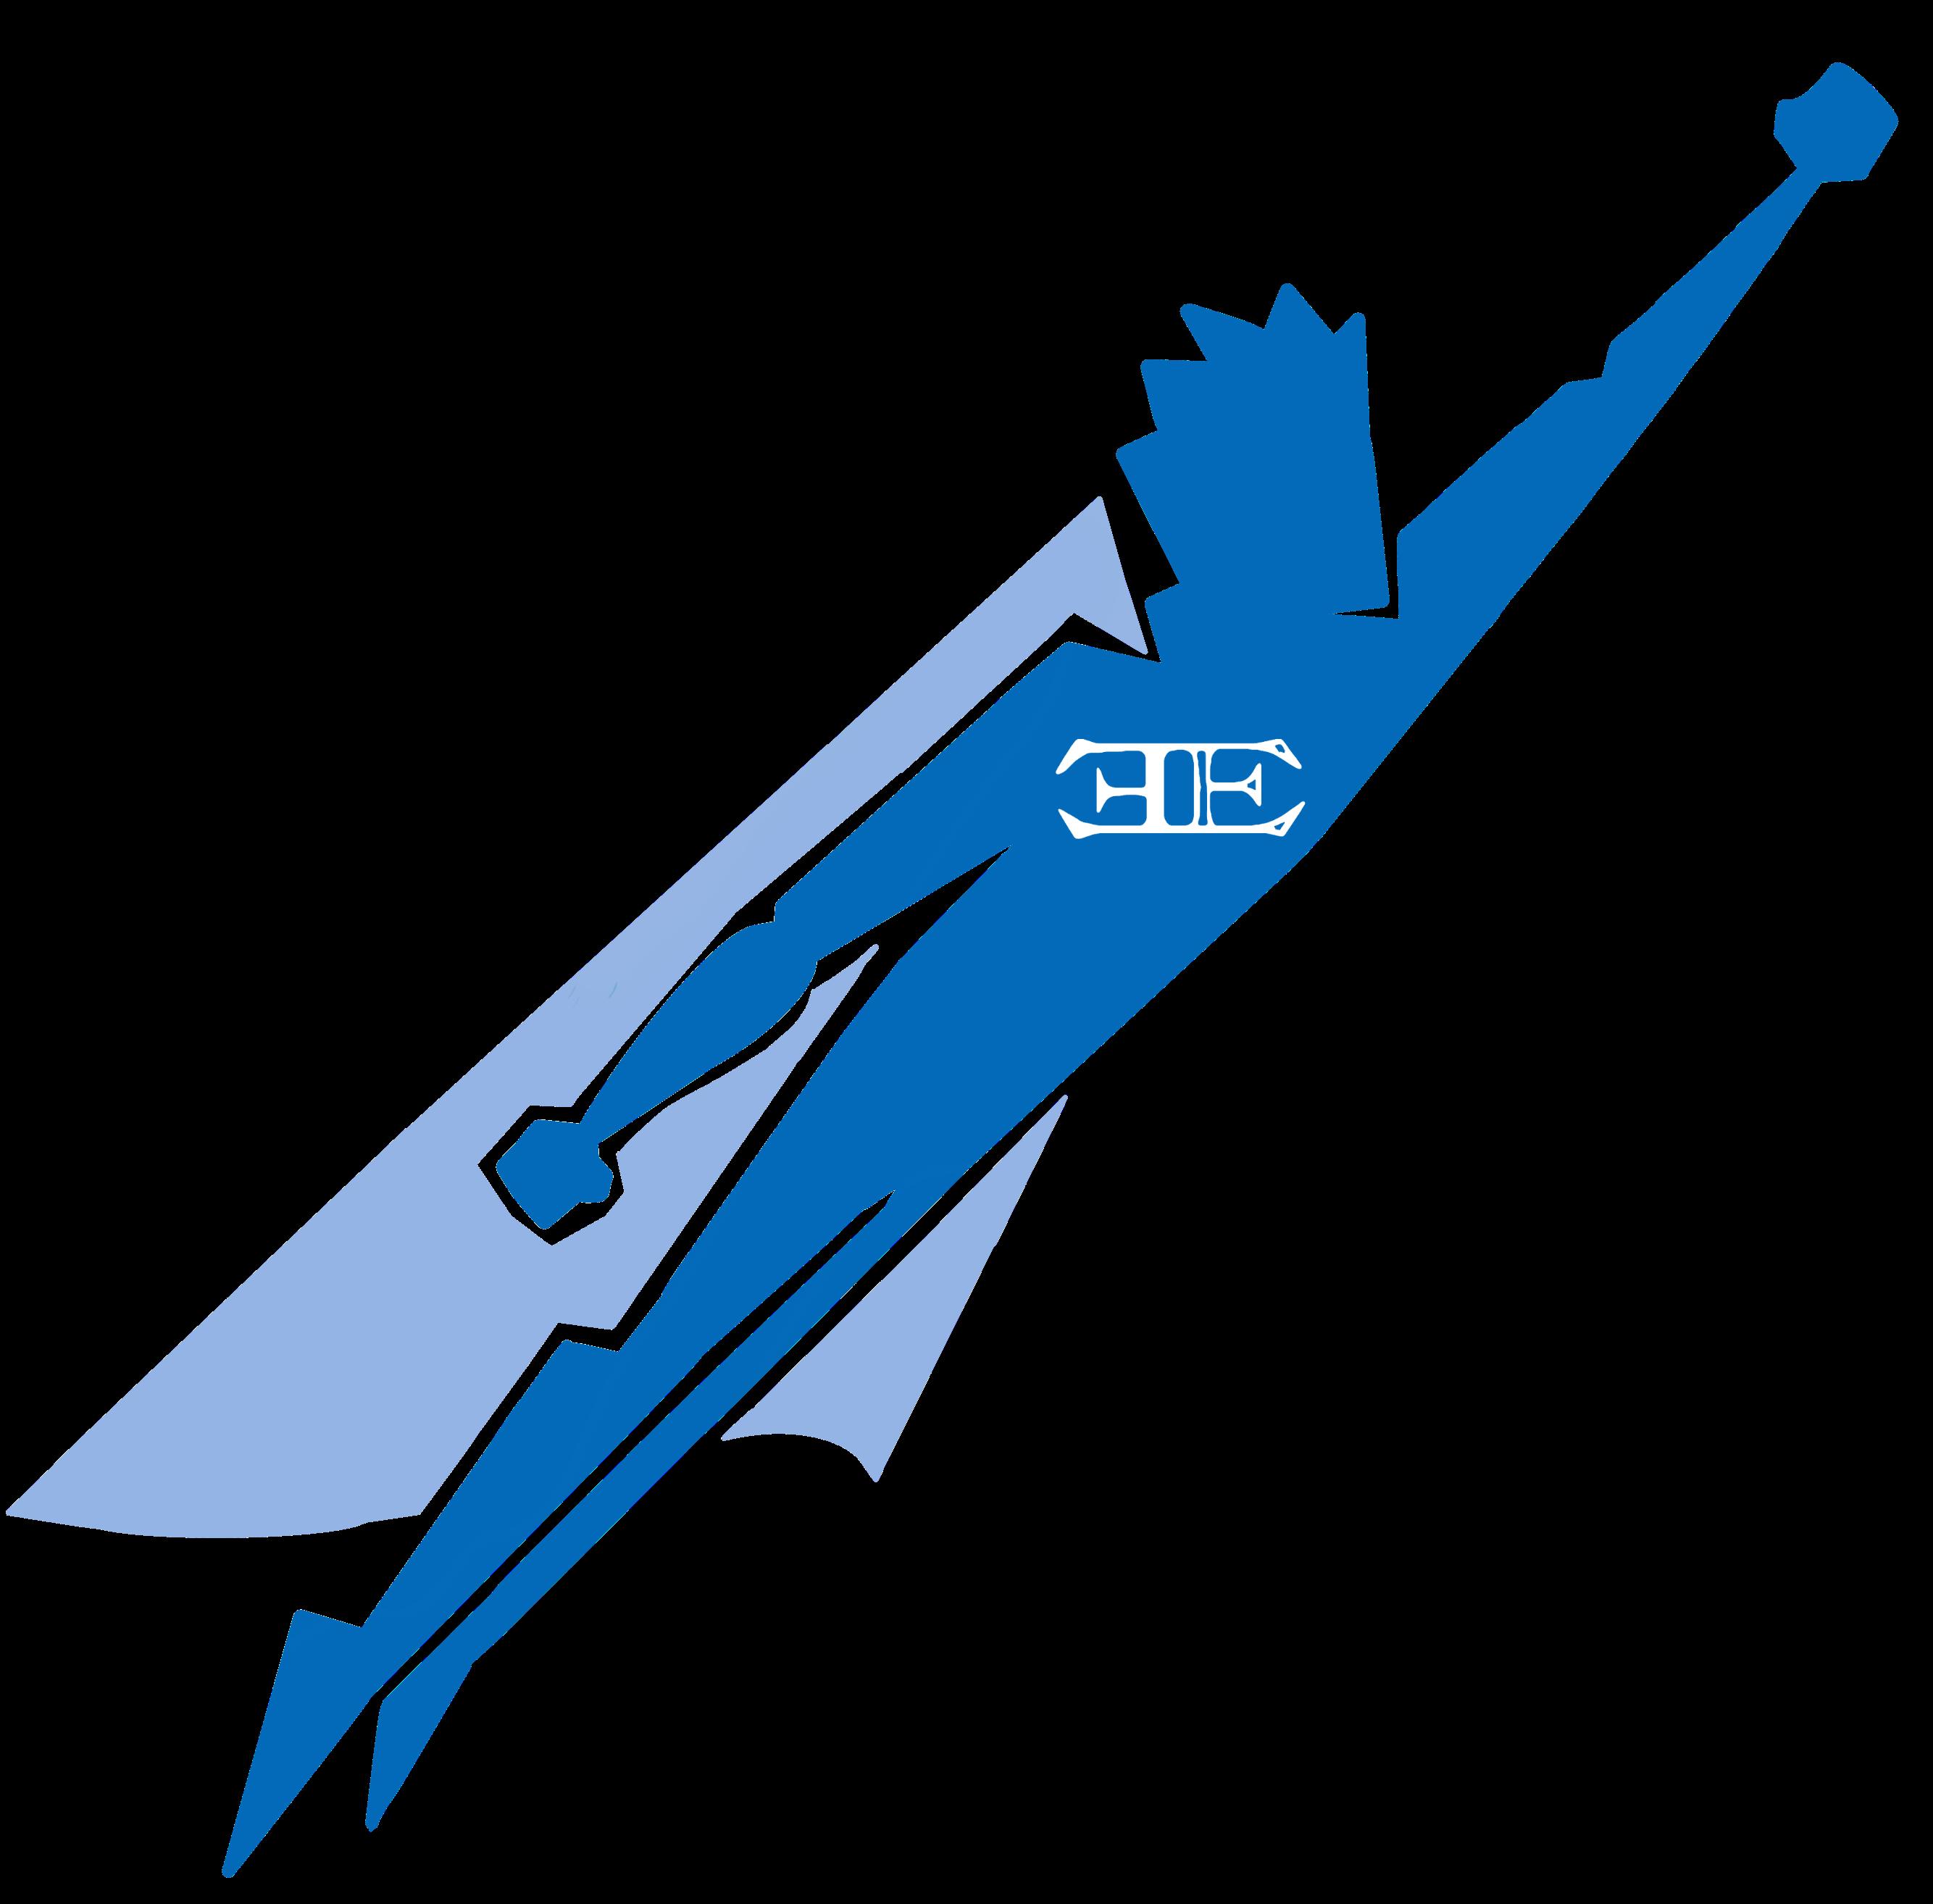 ERCO lazerman